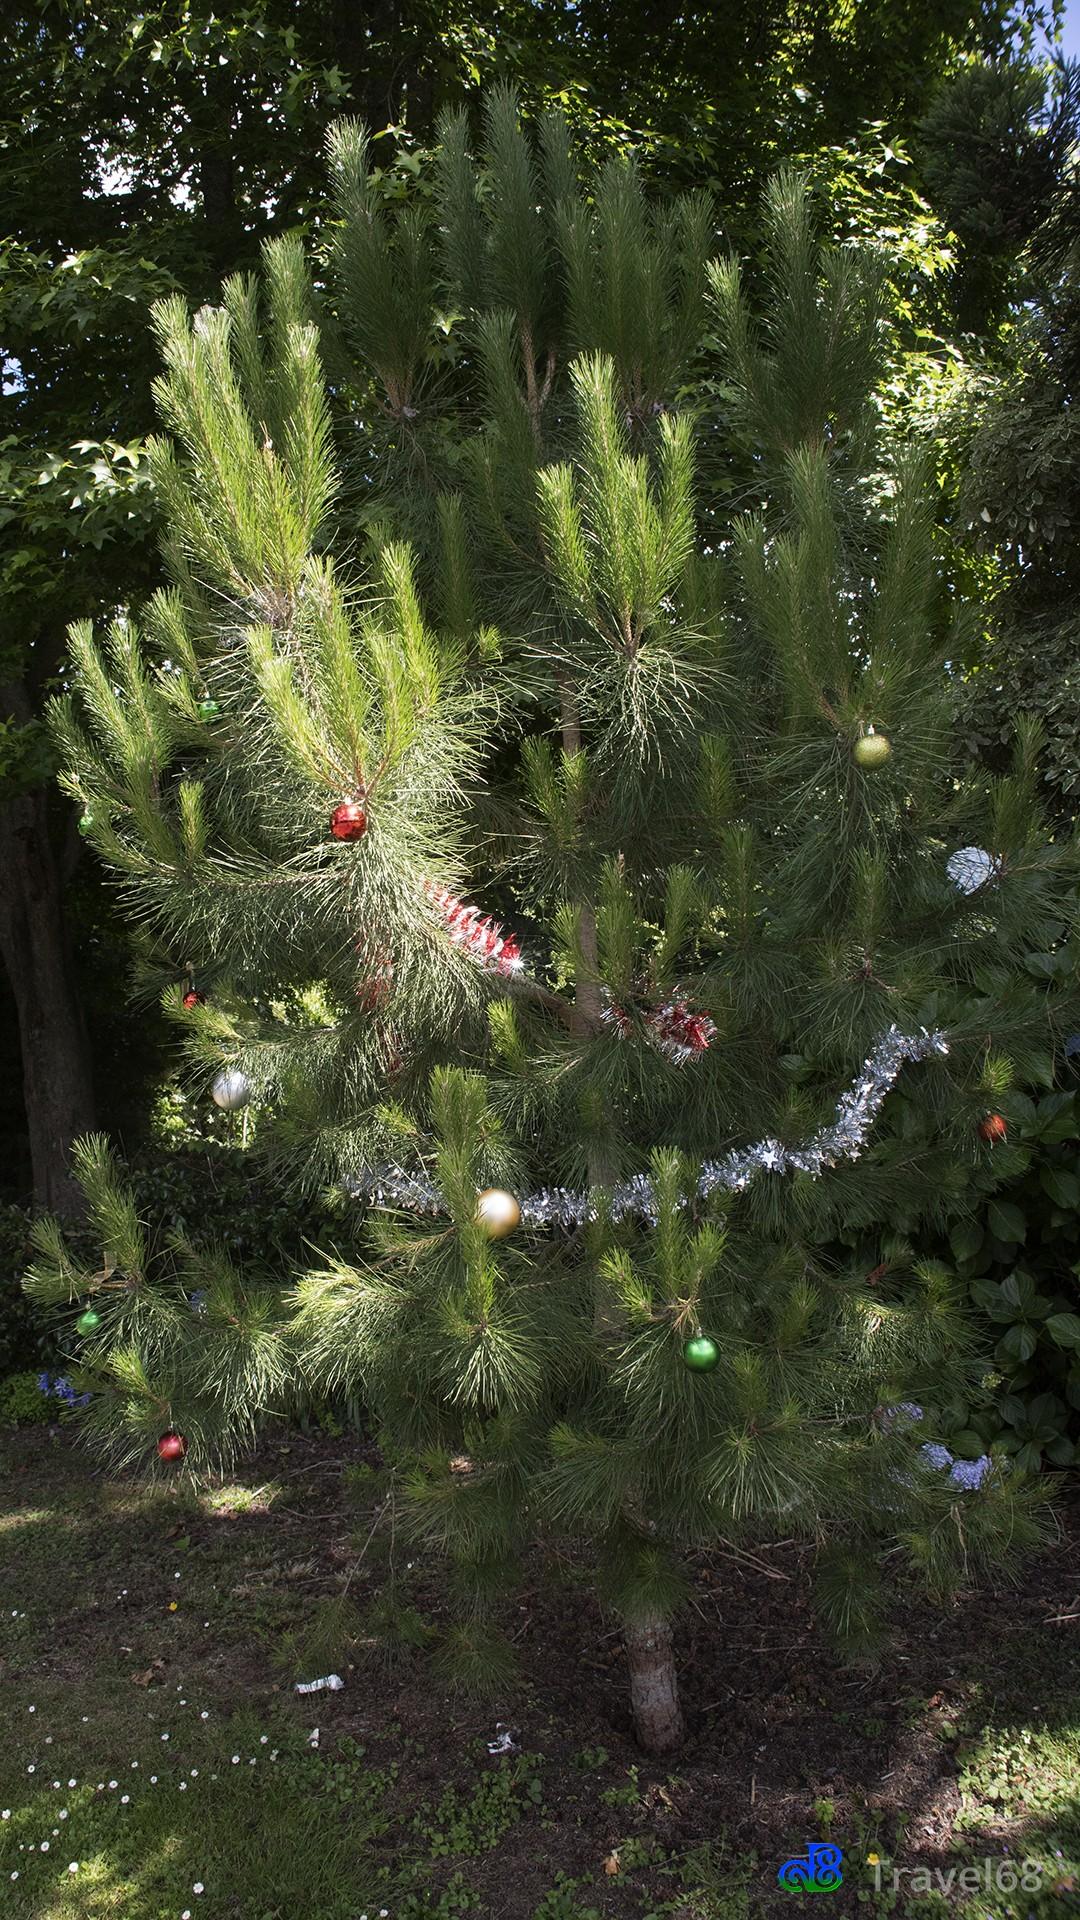 Onderweg kwamen we deze mooie versierde kerstboom tegen